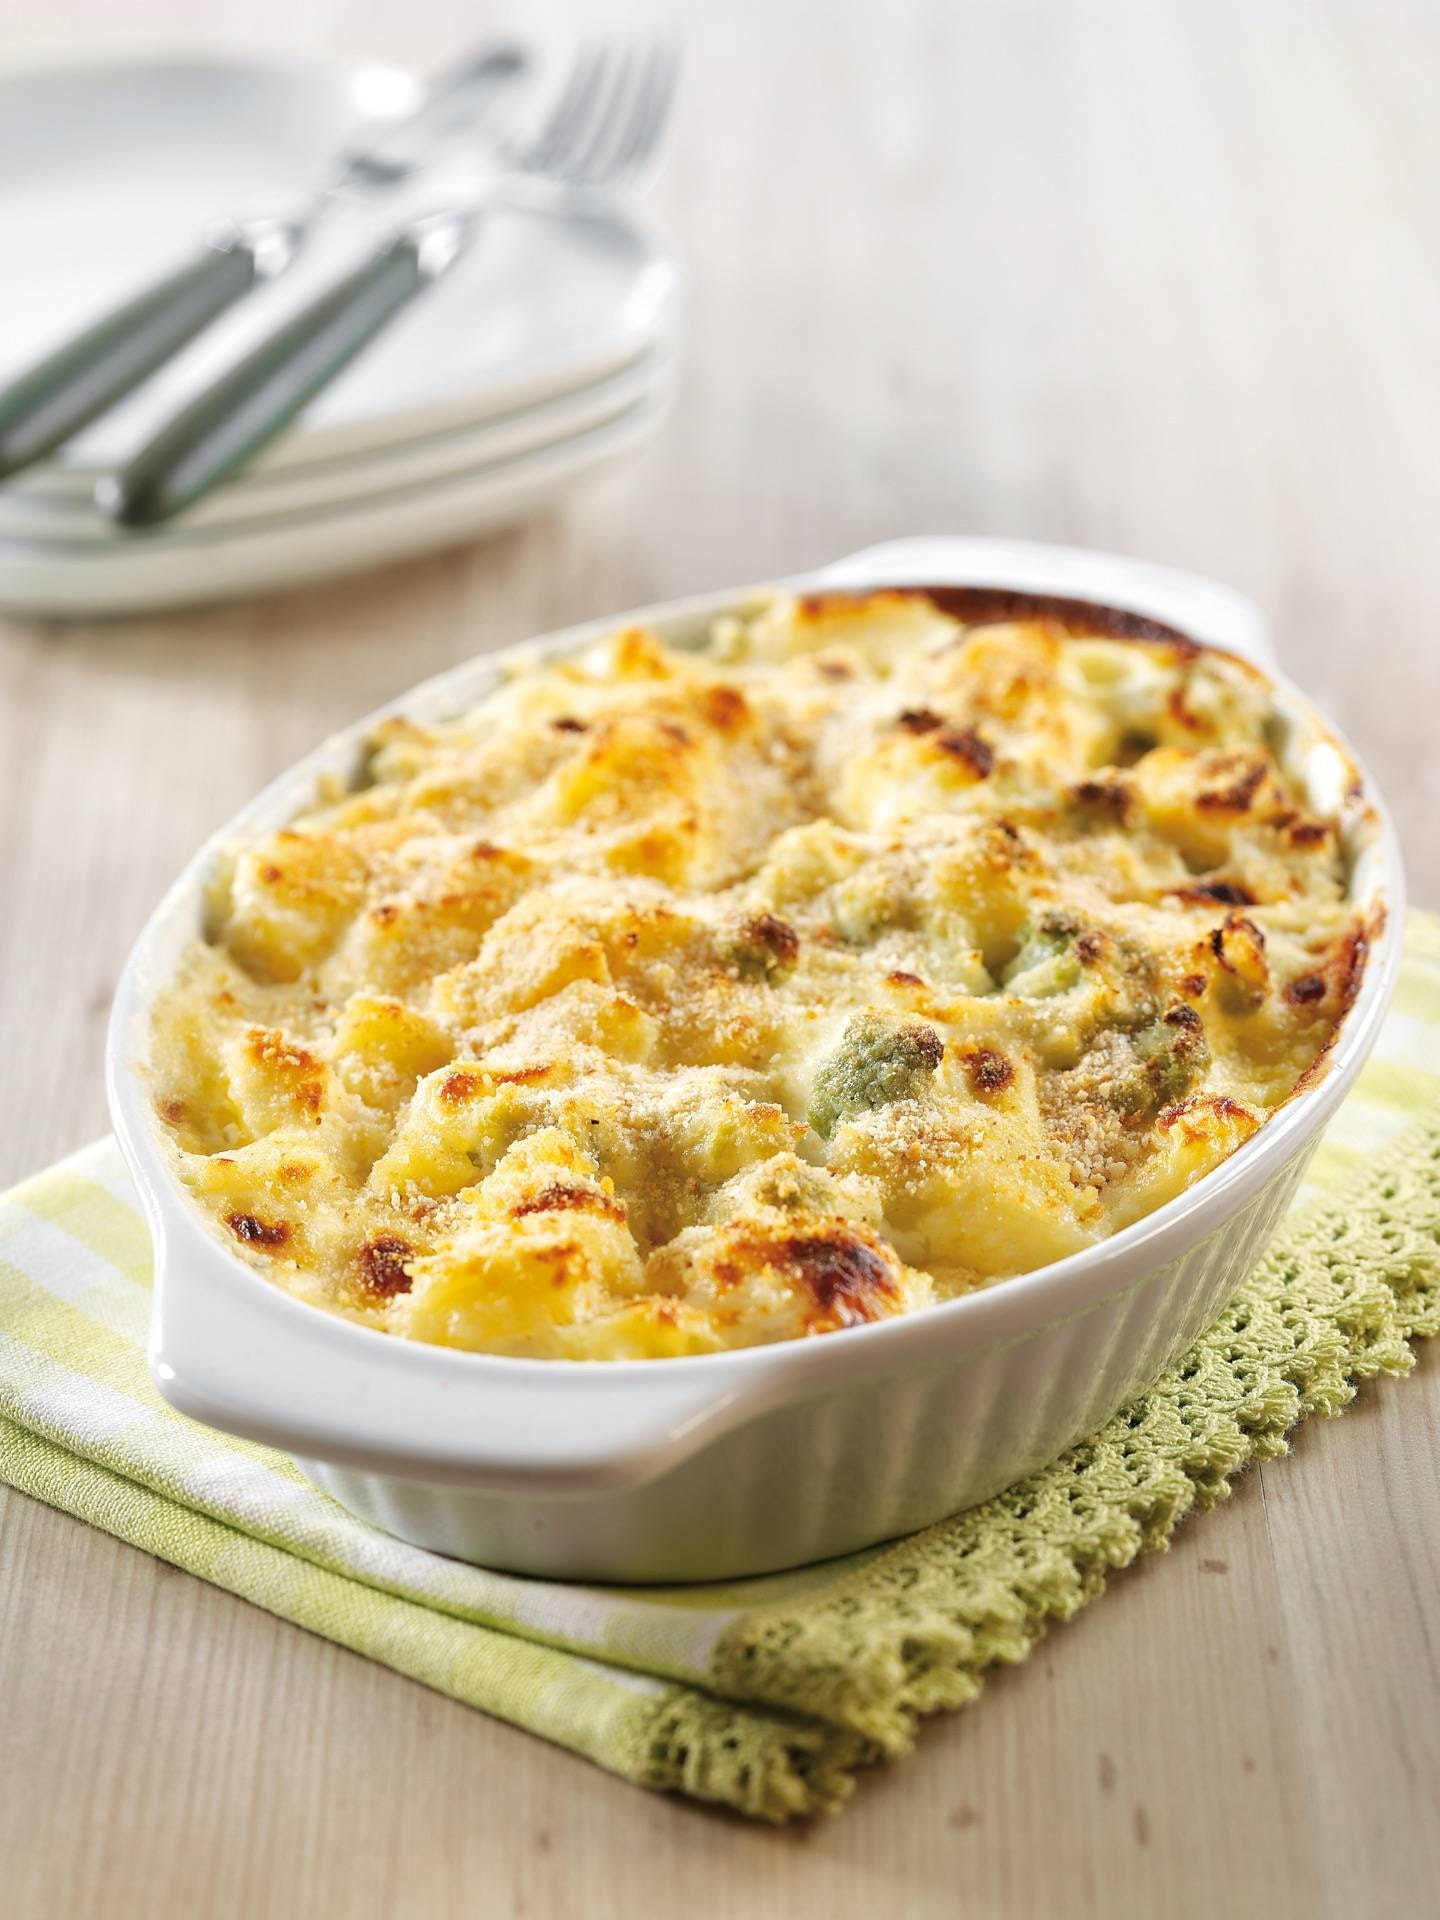 Gratin di patate e broccoli romani - Parmalat